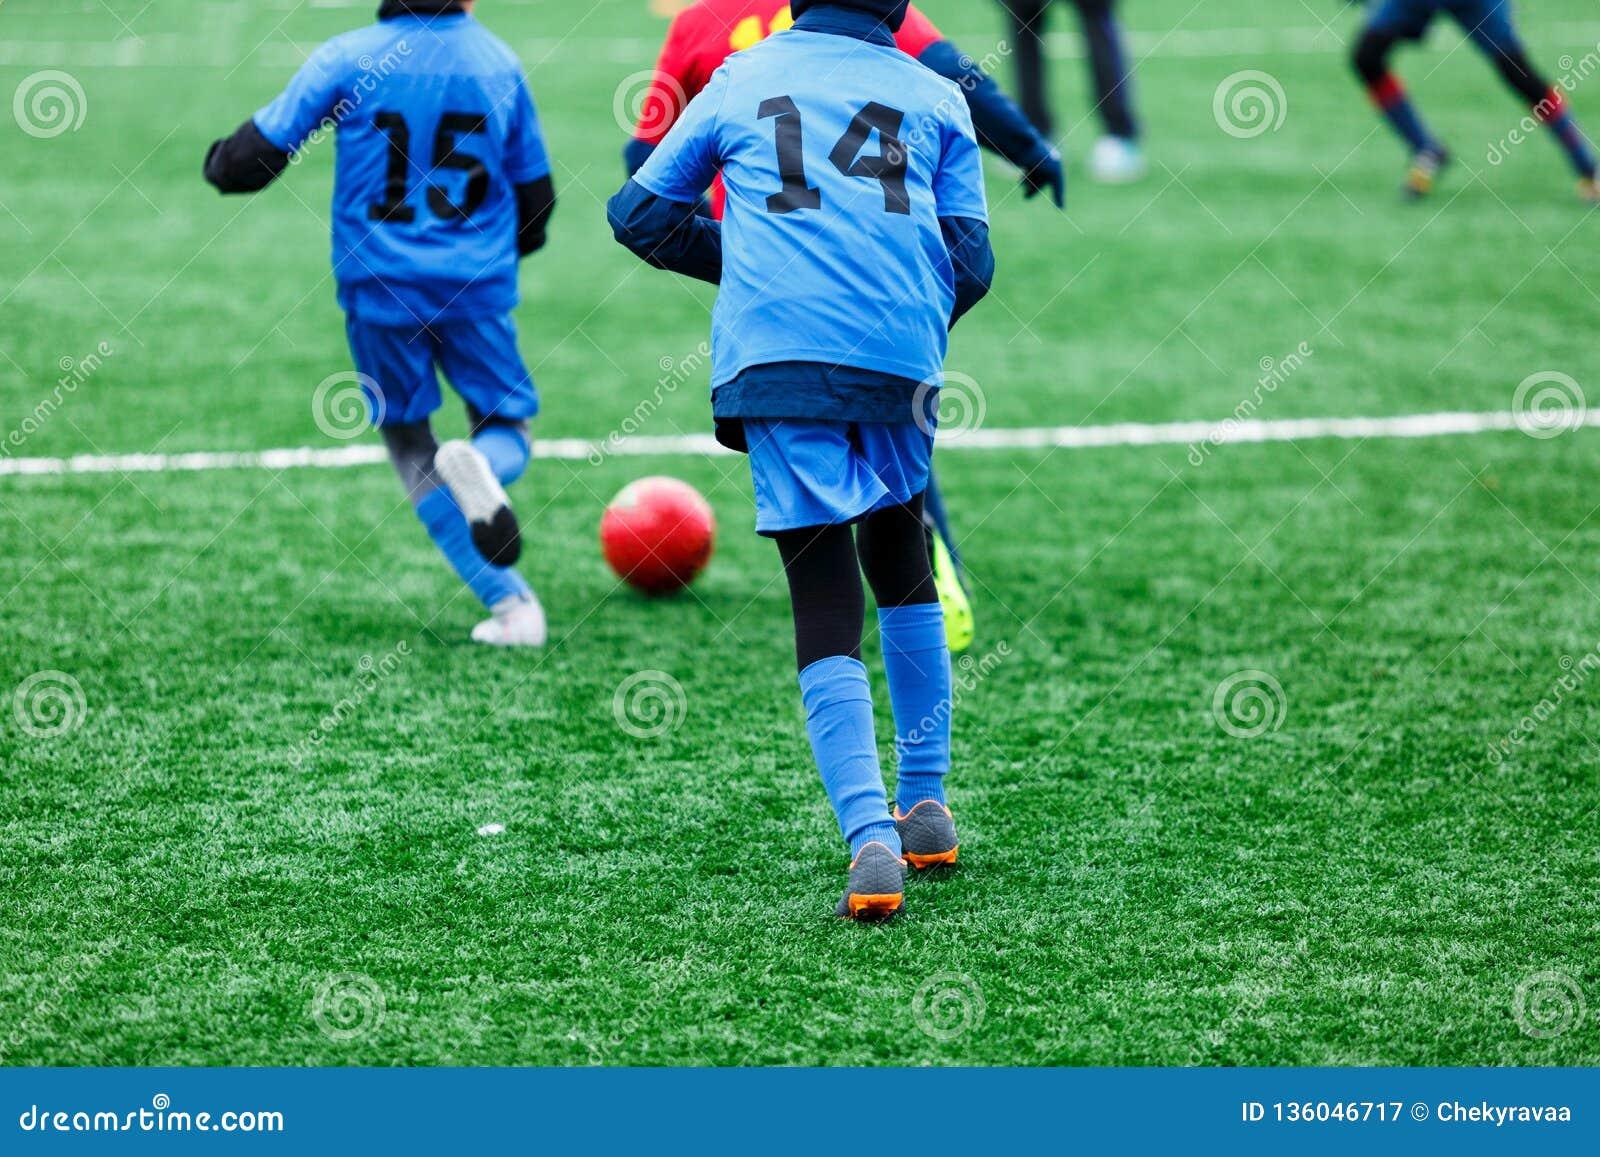 红色和蓝色运动服的男孩踢在绿草领域的足球 青年橄榄球赛 儿童体育竞赛,孩子使用